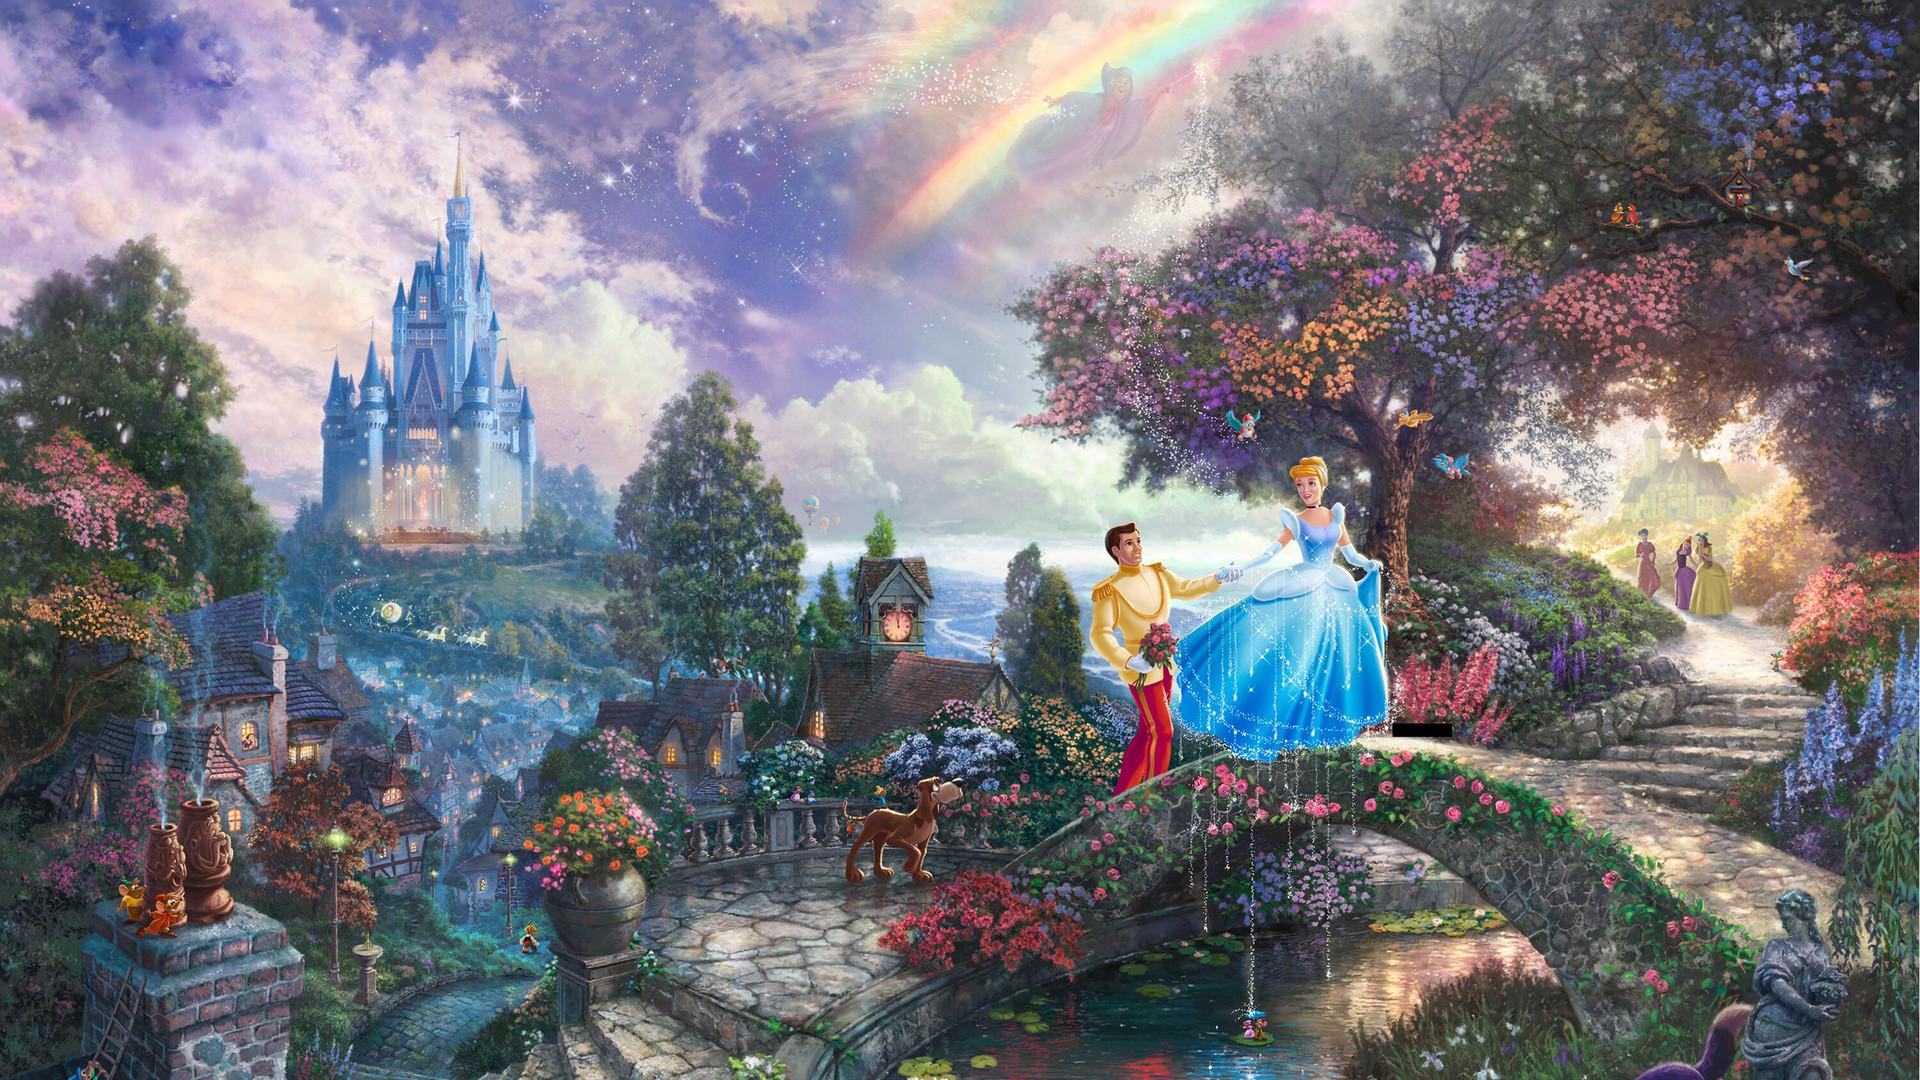 1920x1080 Thomas Kinkade Disney wallpaper 148360